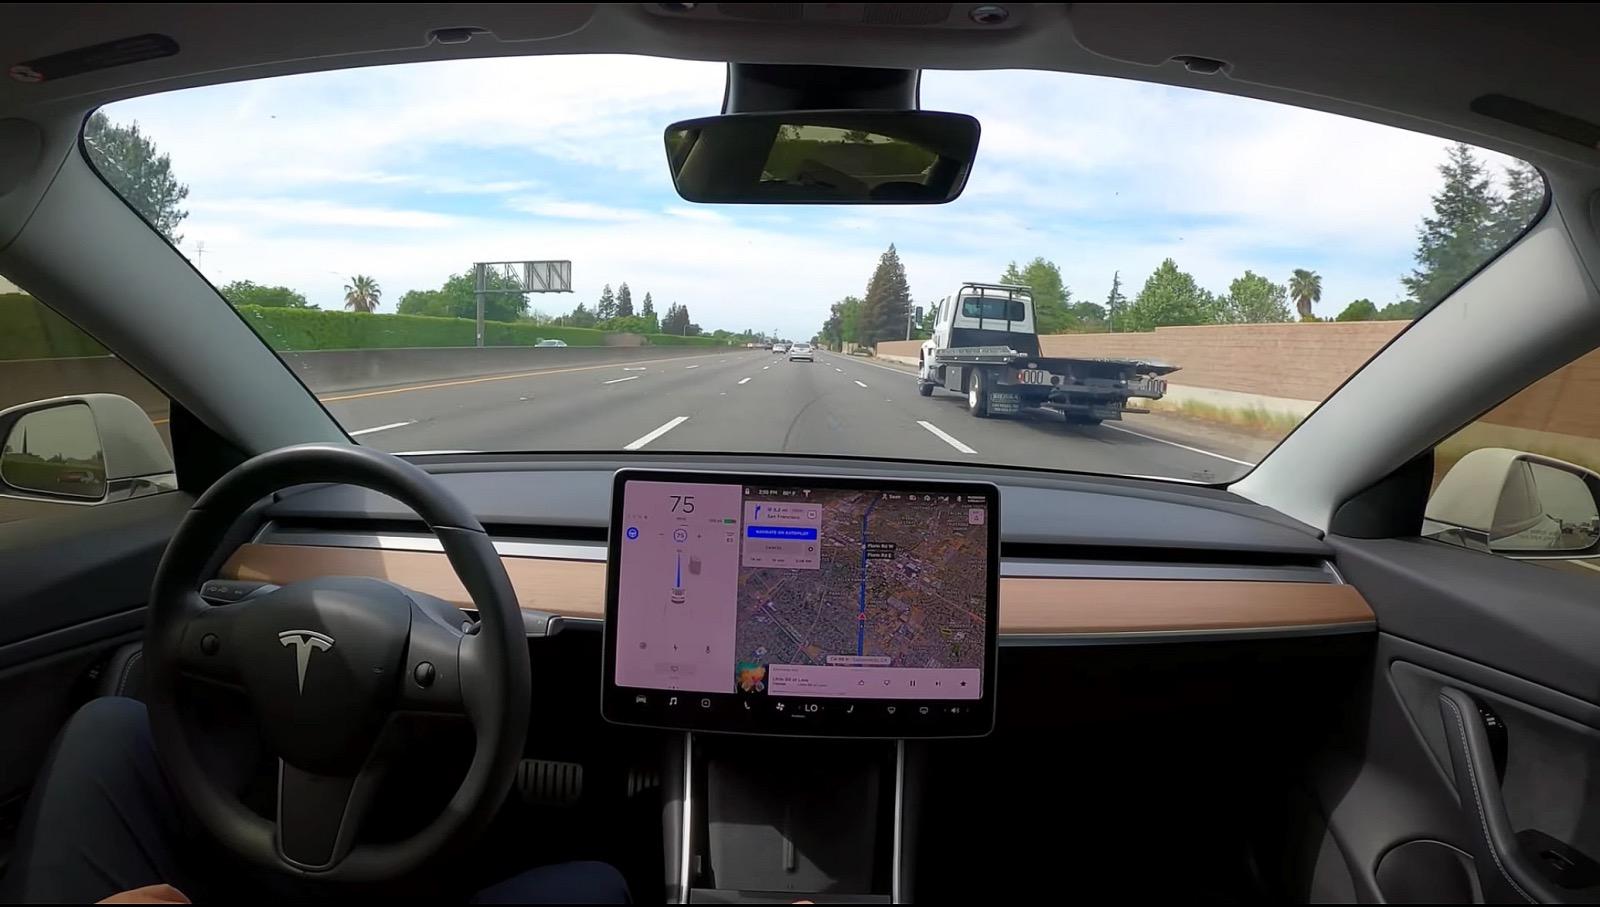 Έρχεται πλήρως αυτόνομη οδήγηση με μηνιαία συνδρομή το 2021